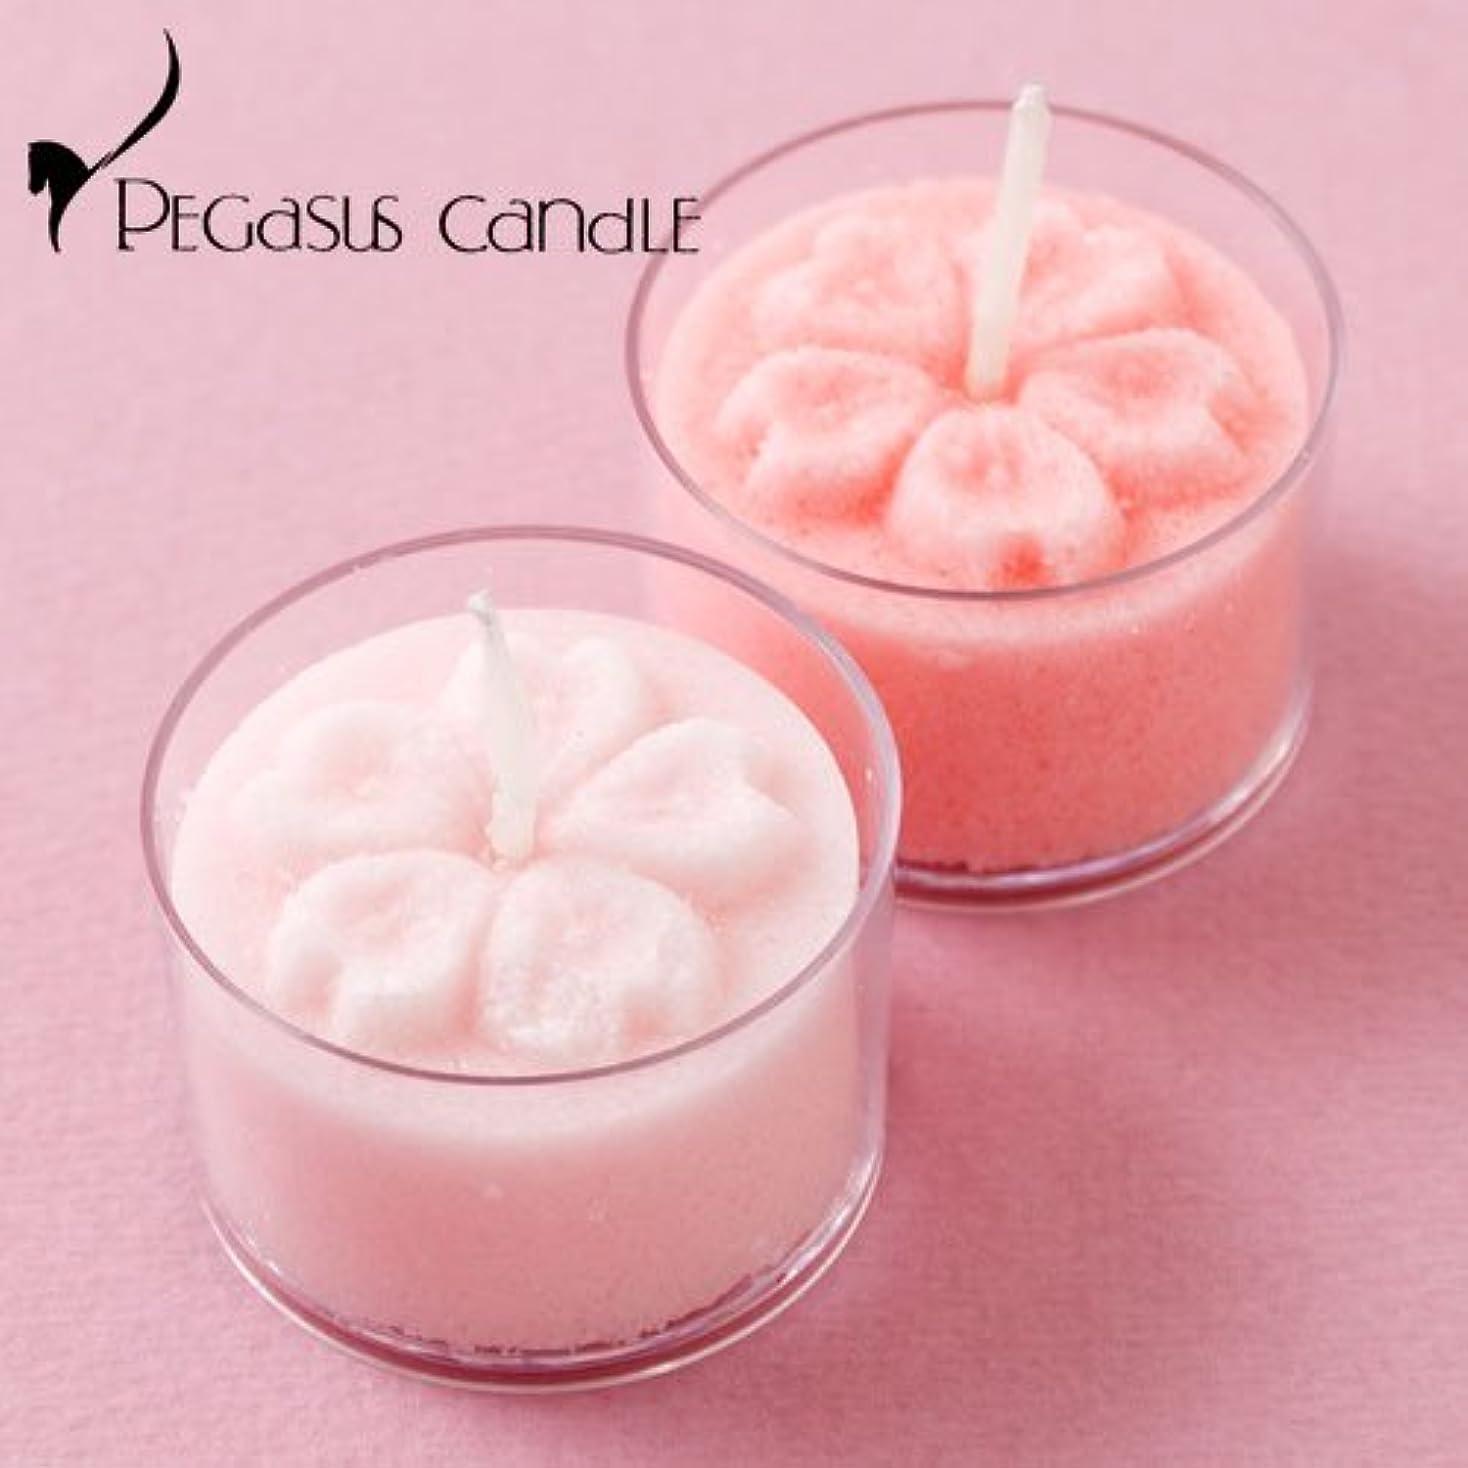 町下に四半期花暦桜花の形のキャンドル2個セット(無香タイプ)ペガサスキャンドルFlower shaped candle